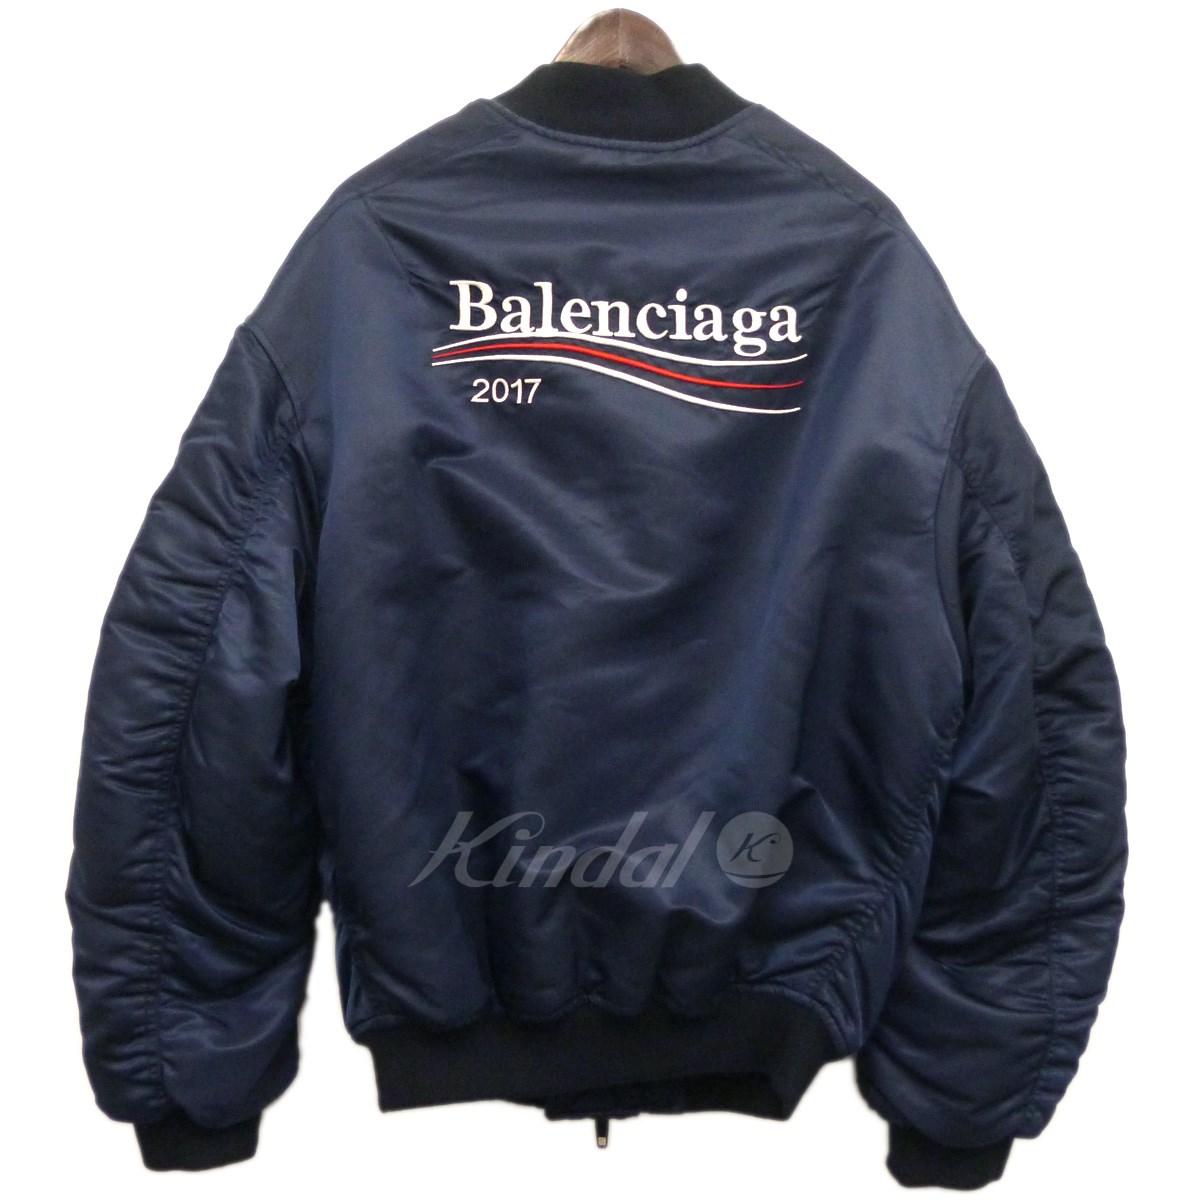 【5月24日 お値段見直しました】【中古】BALENCIAGA17AW キャンペーンロゴボンバージャケット ネイビー サイズ:48 【送料無料】